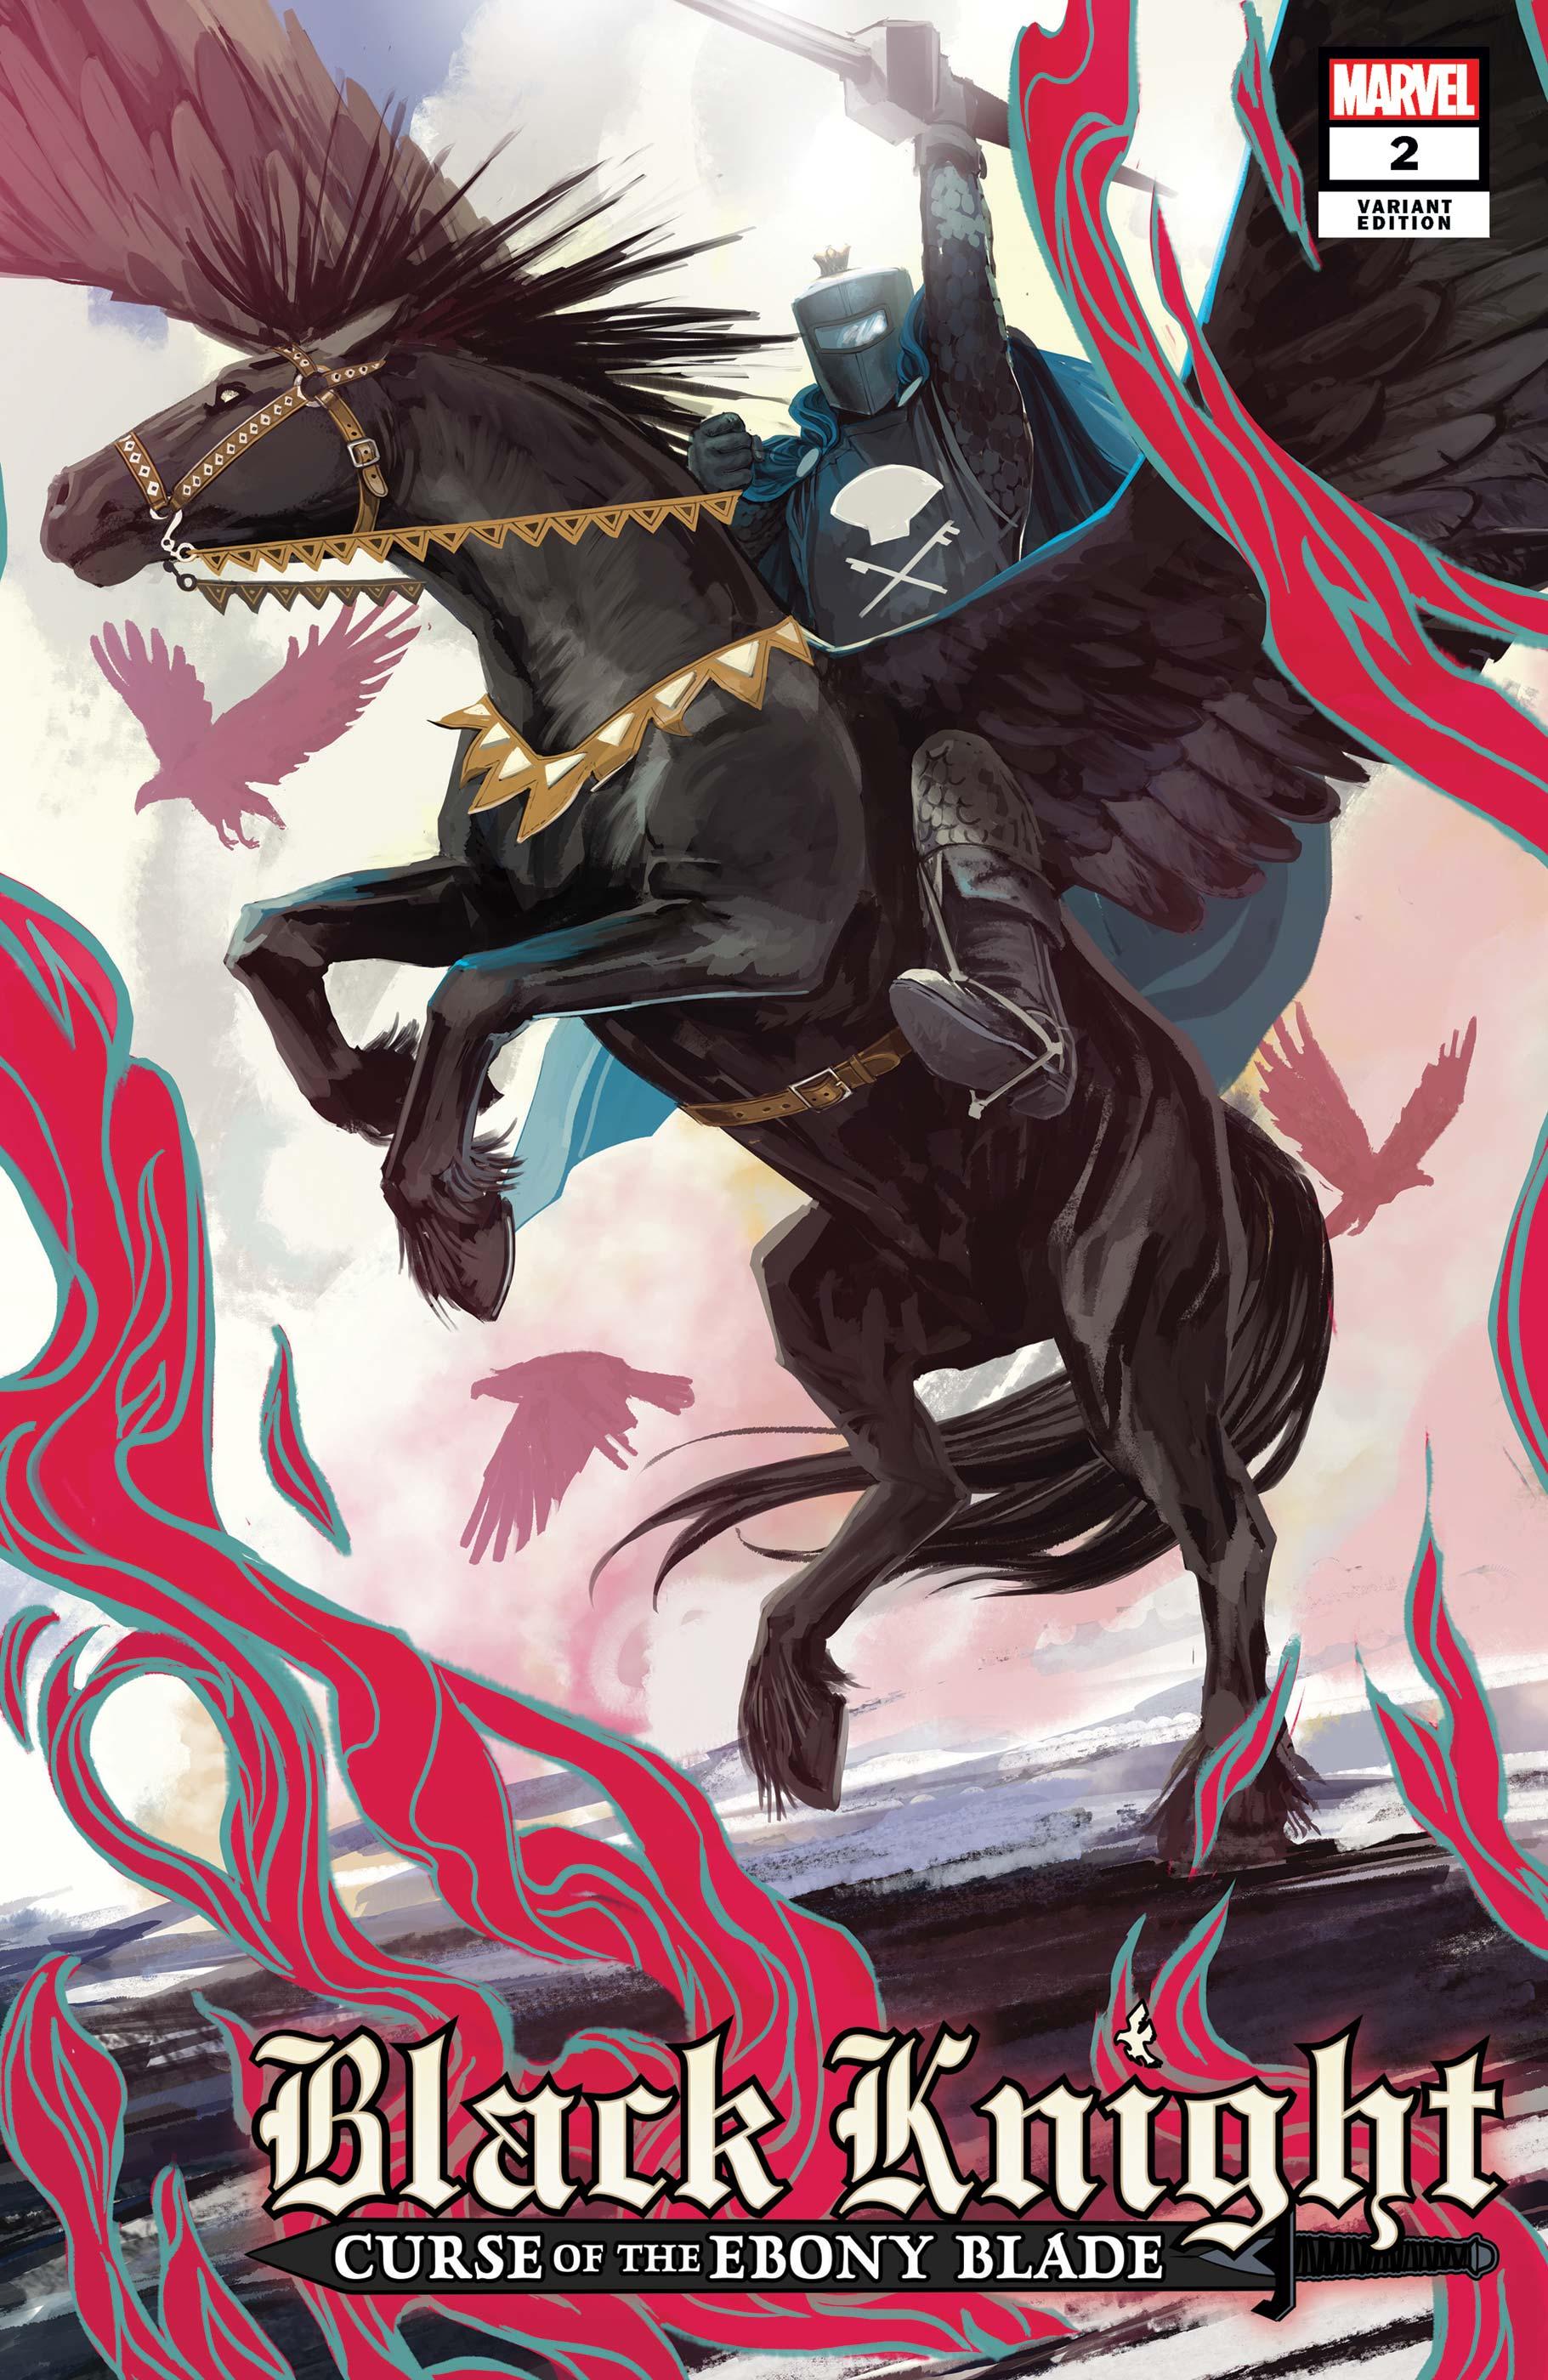 Black Knight: Curse of the Ebony Blade (2021) #2 (Variant)